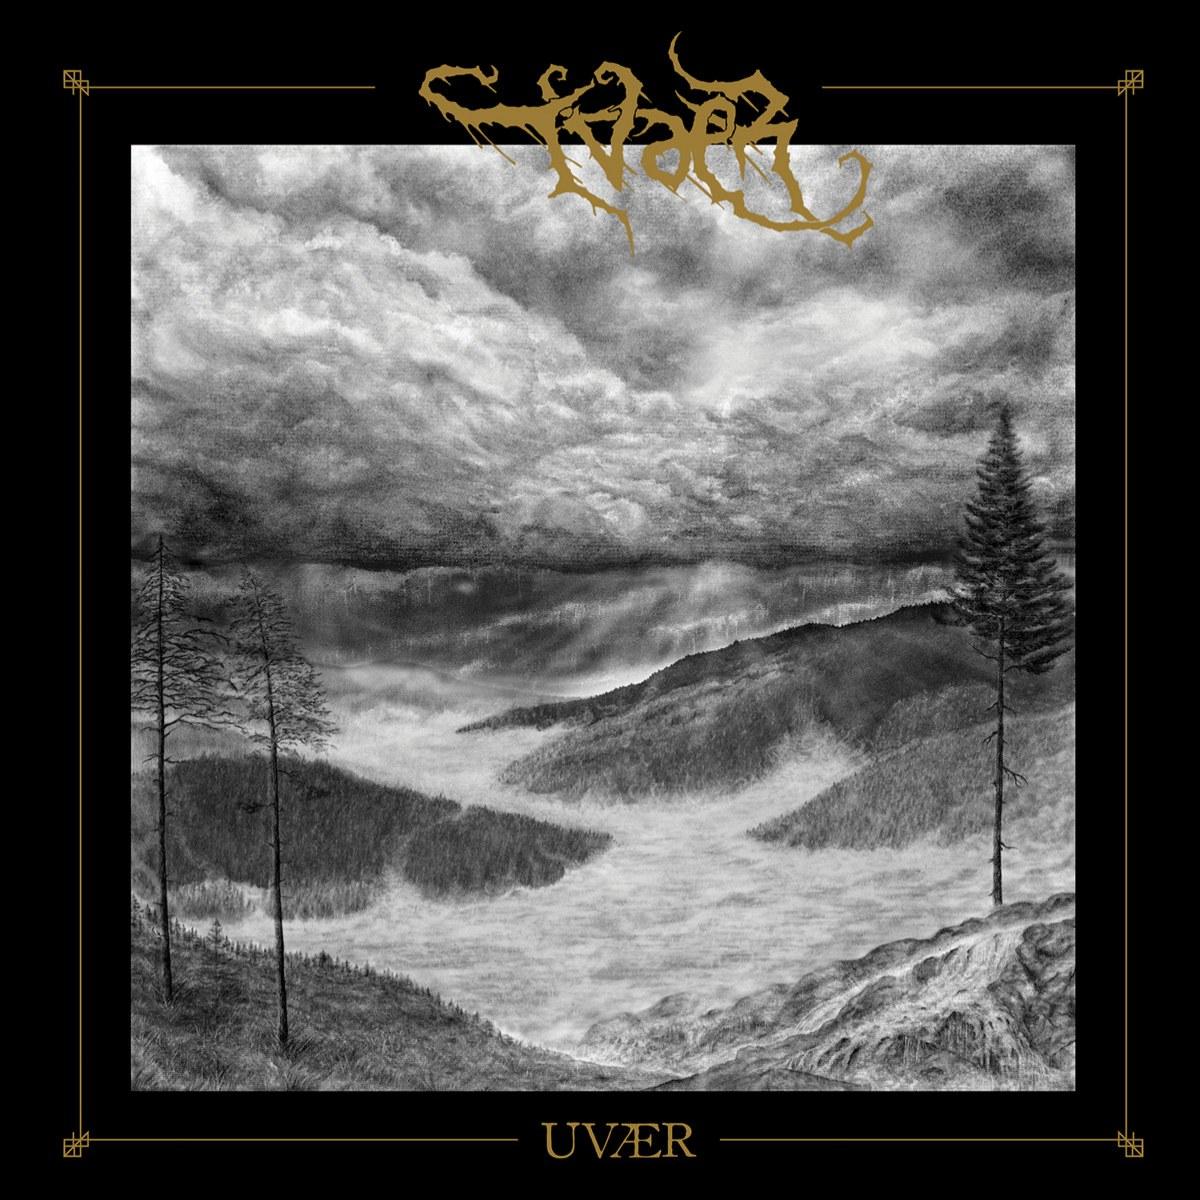 Reviews for Tvær - Uvaer